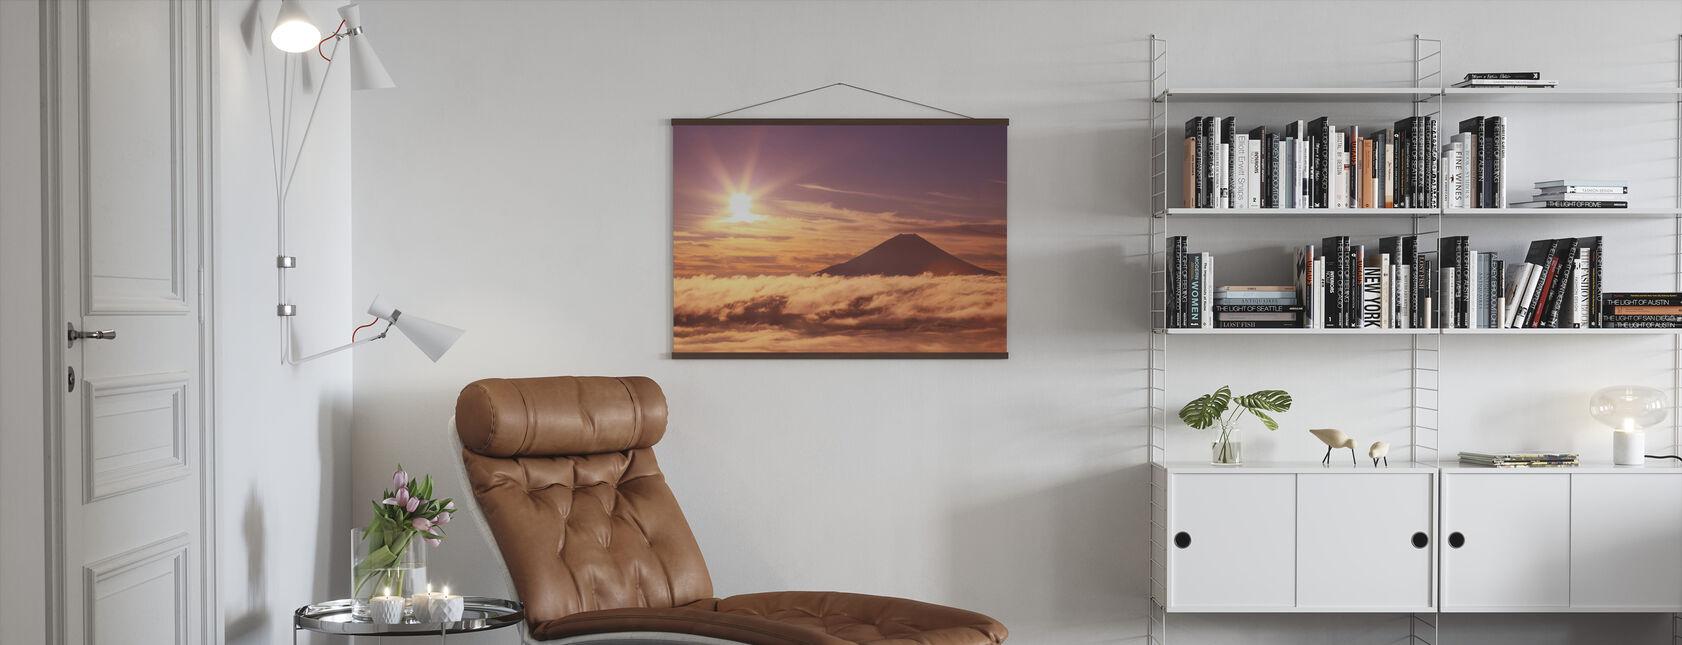 Mount Fuji og hav av skyer - Plakat - Stue